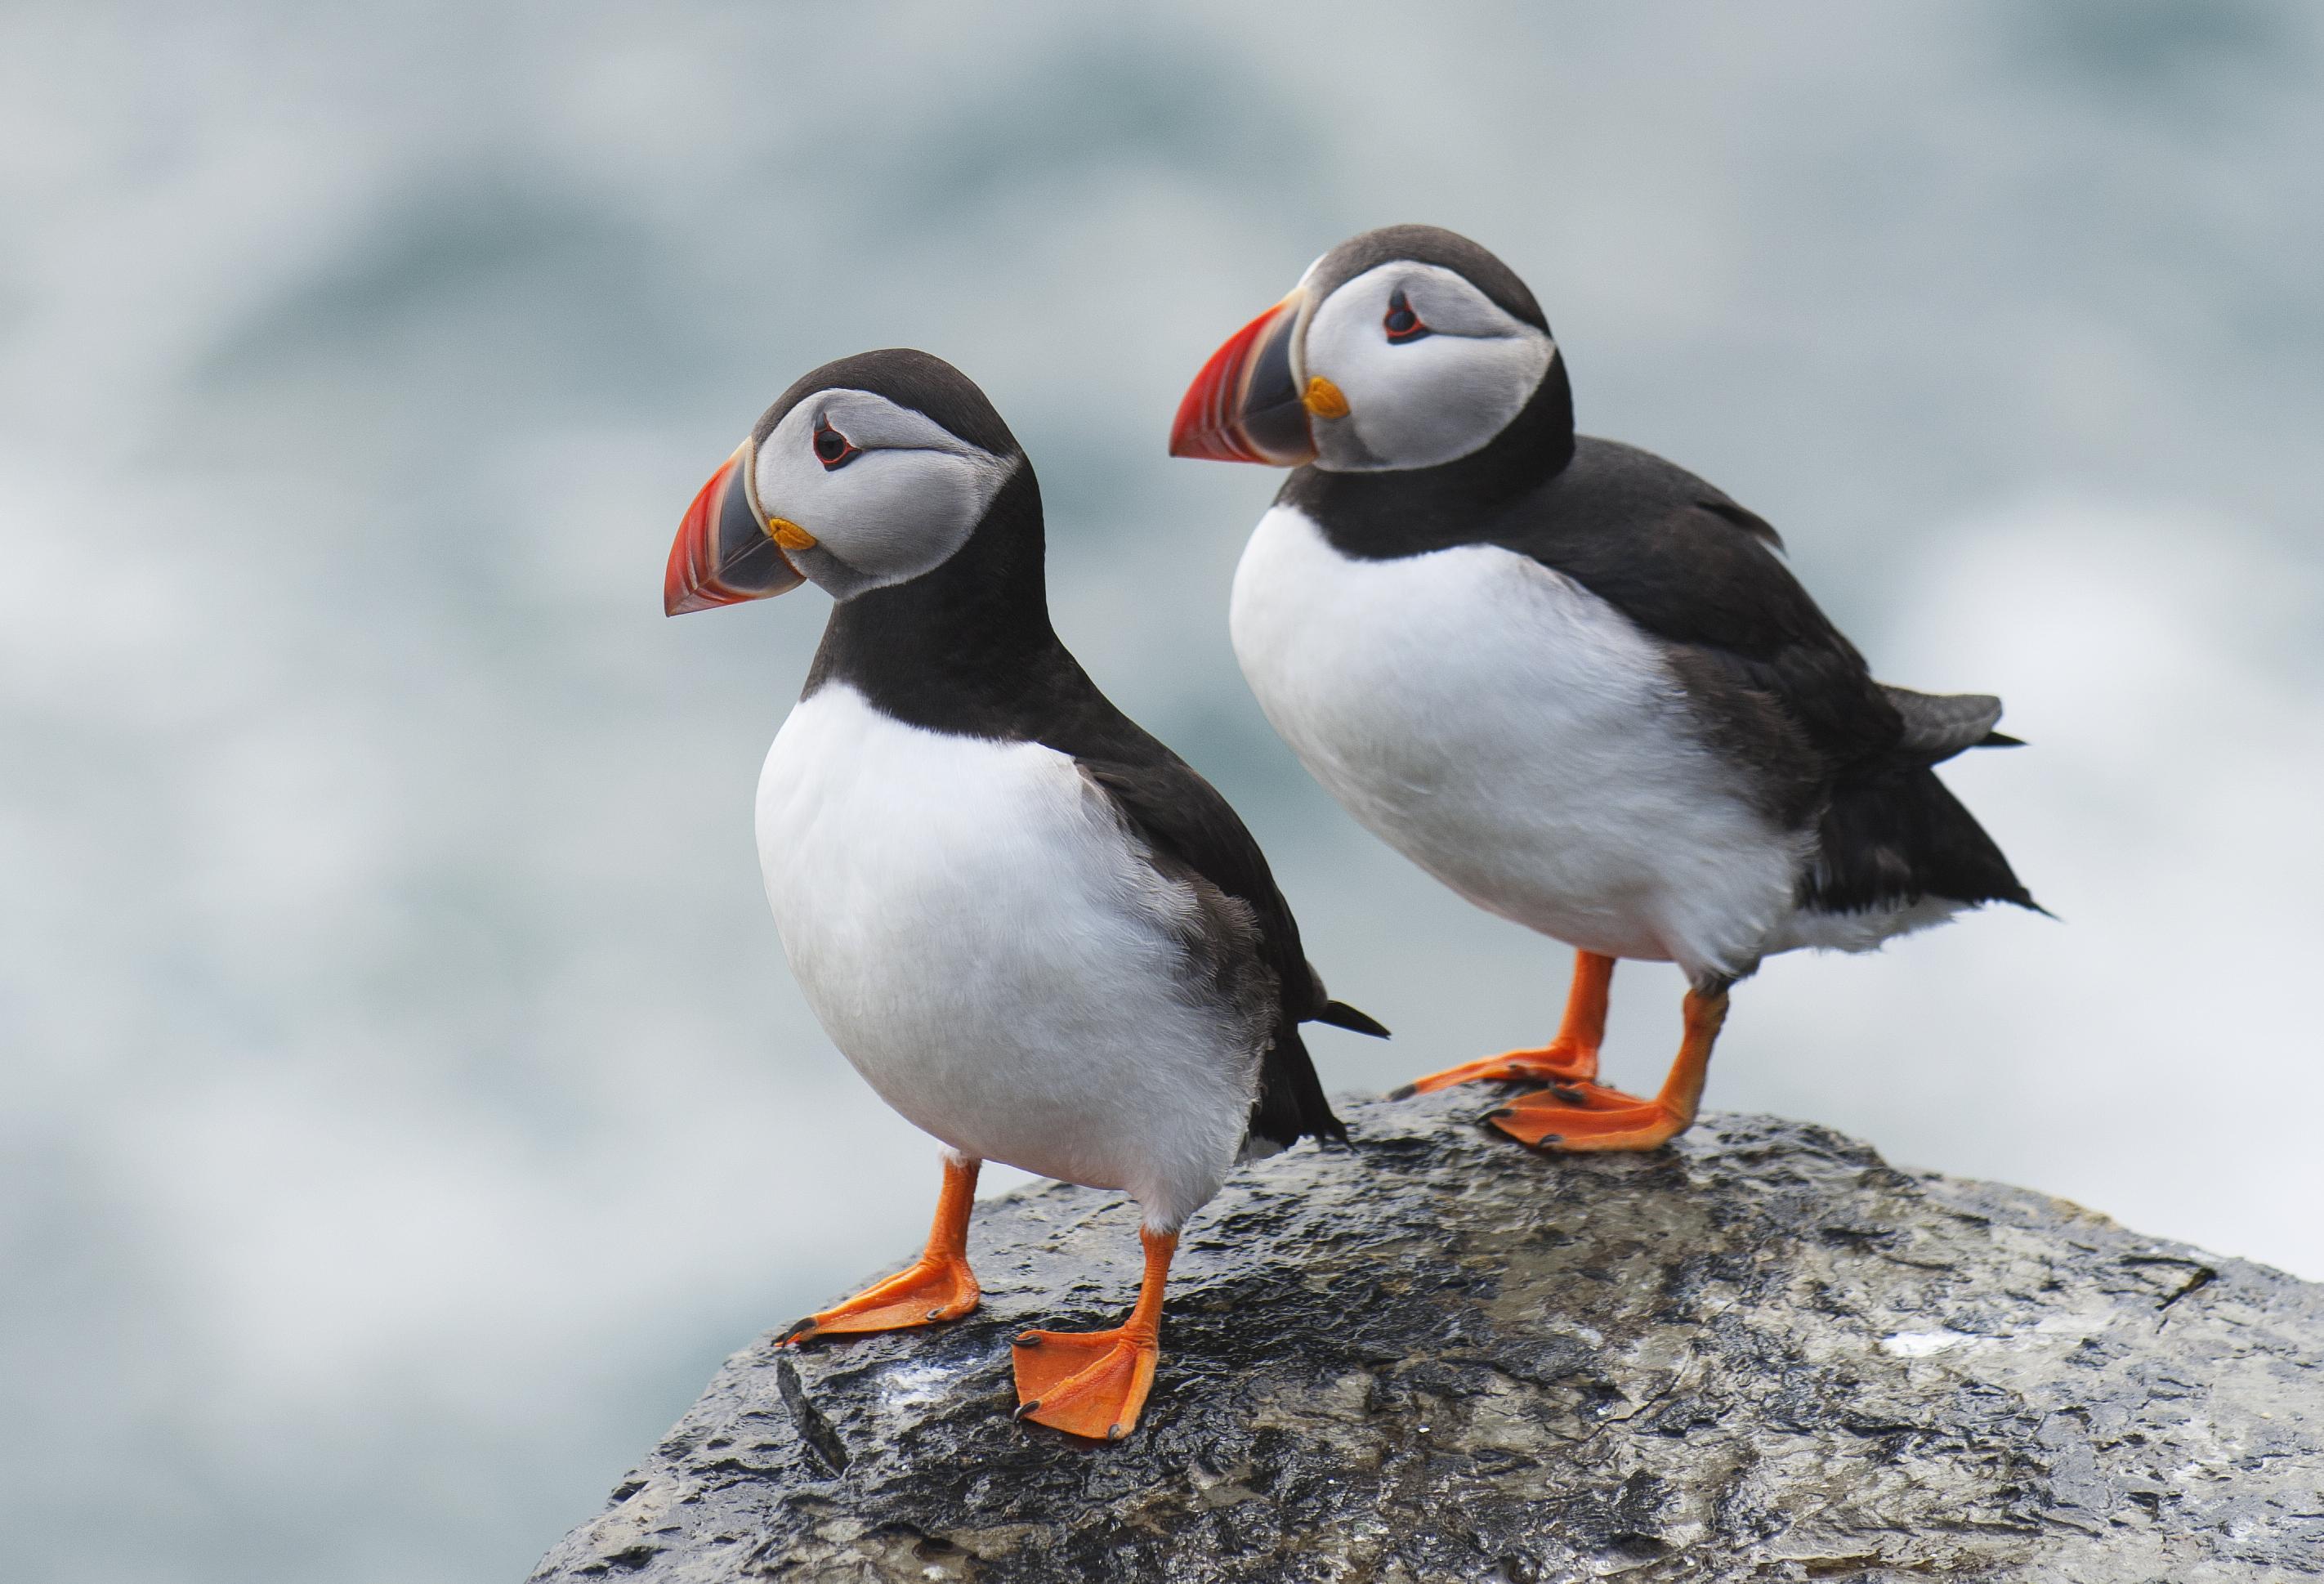 El encanto de un animal que adora Islandia - Islandia Circuito Islandia Fascinante